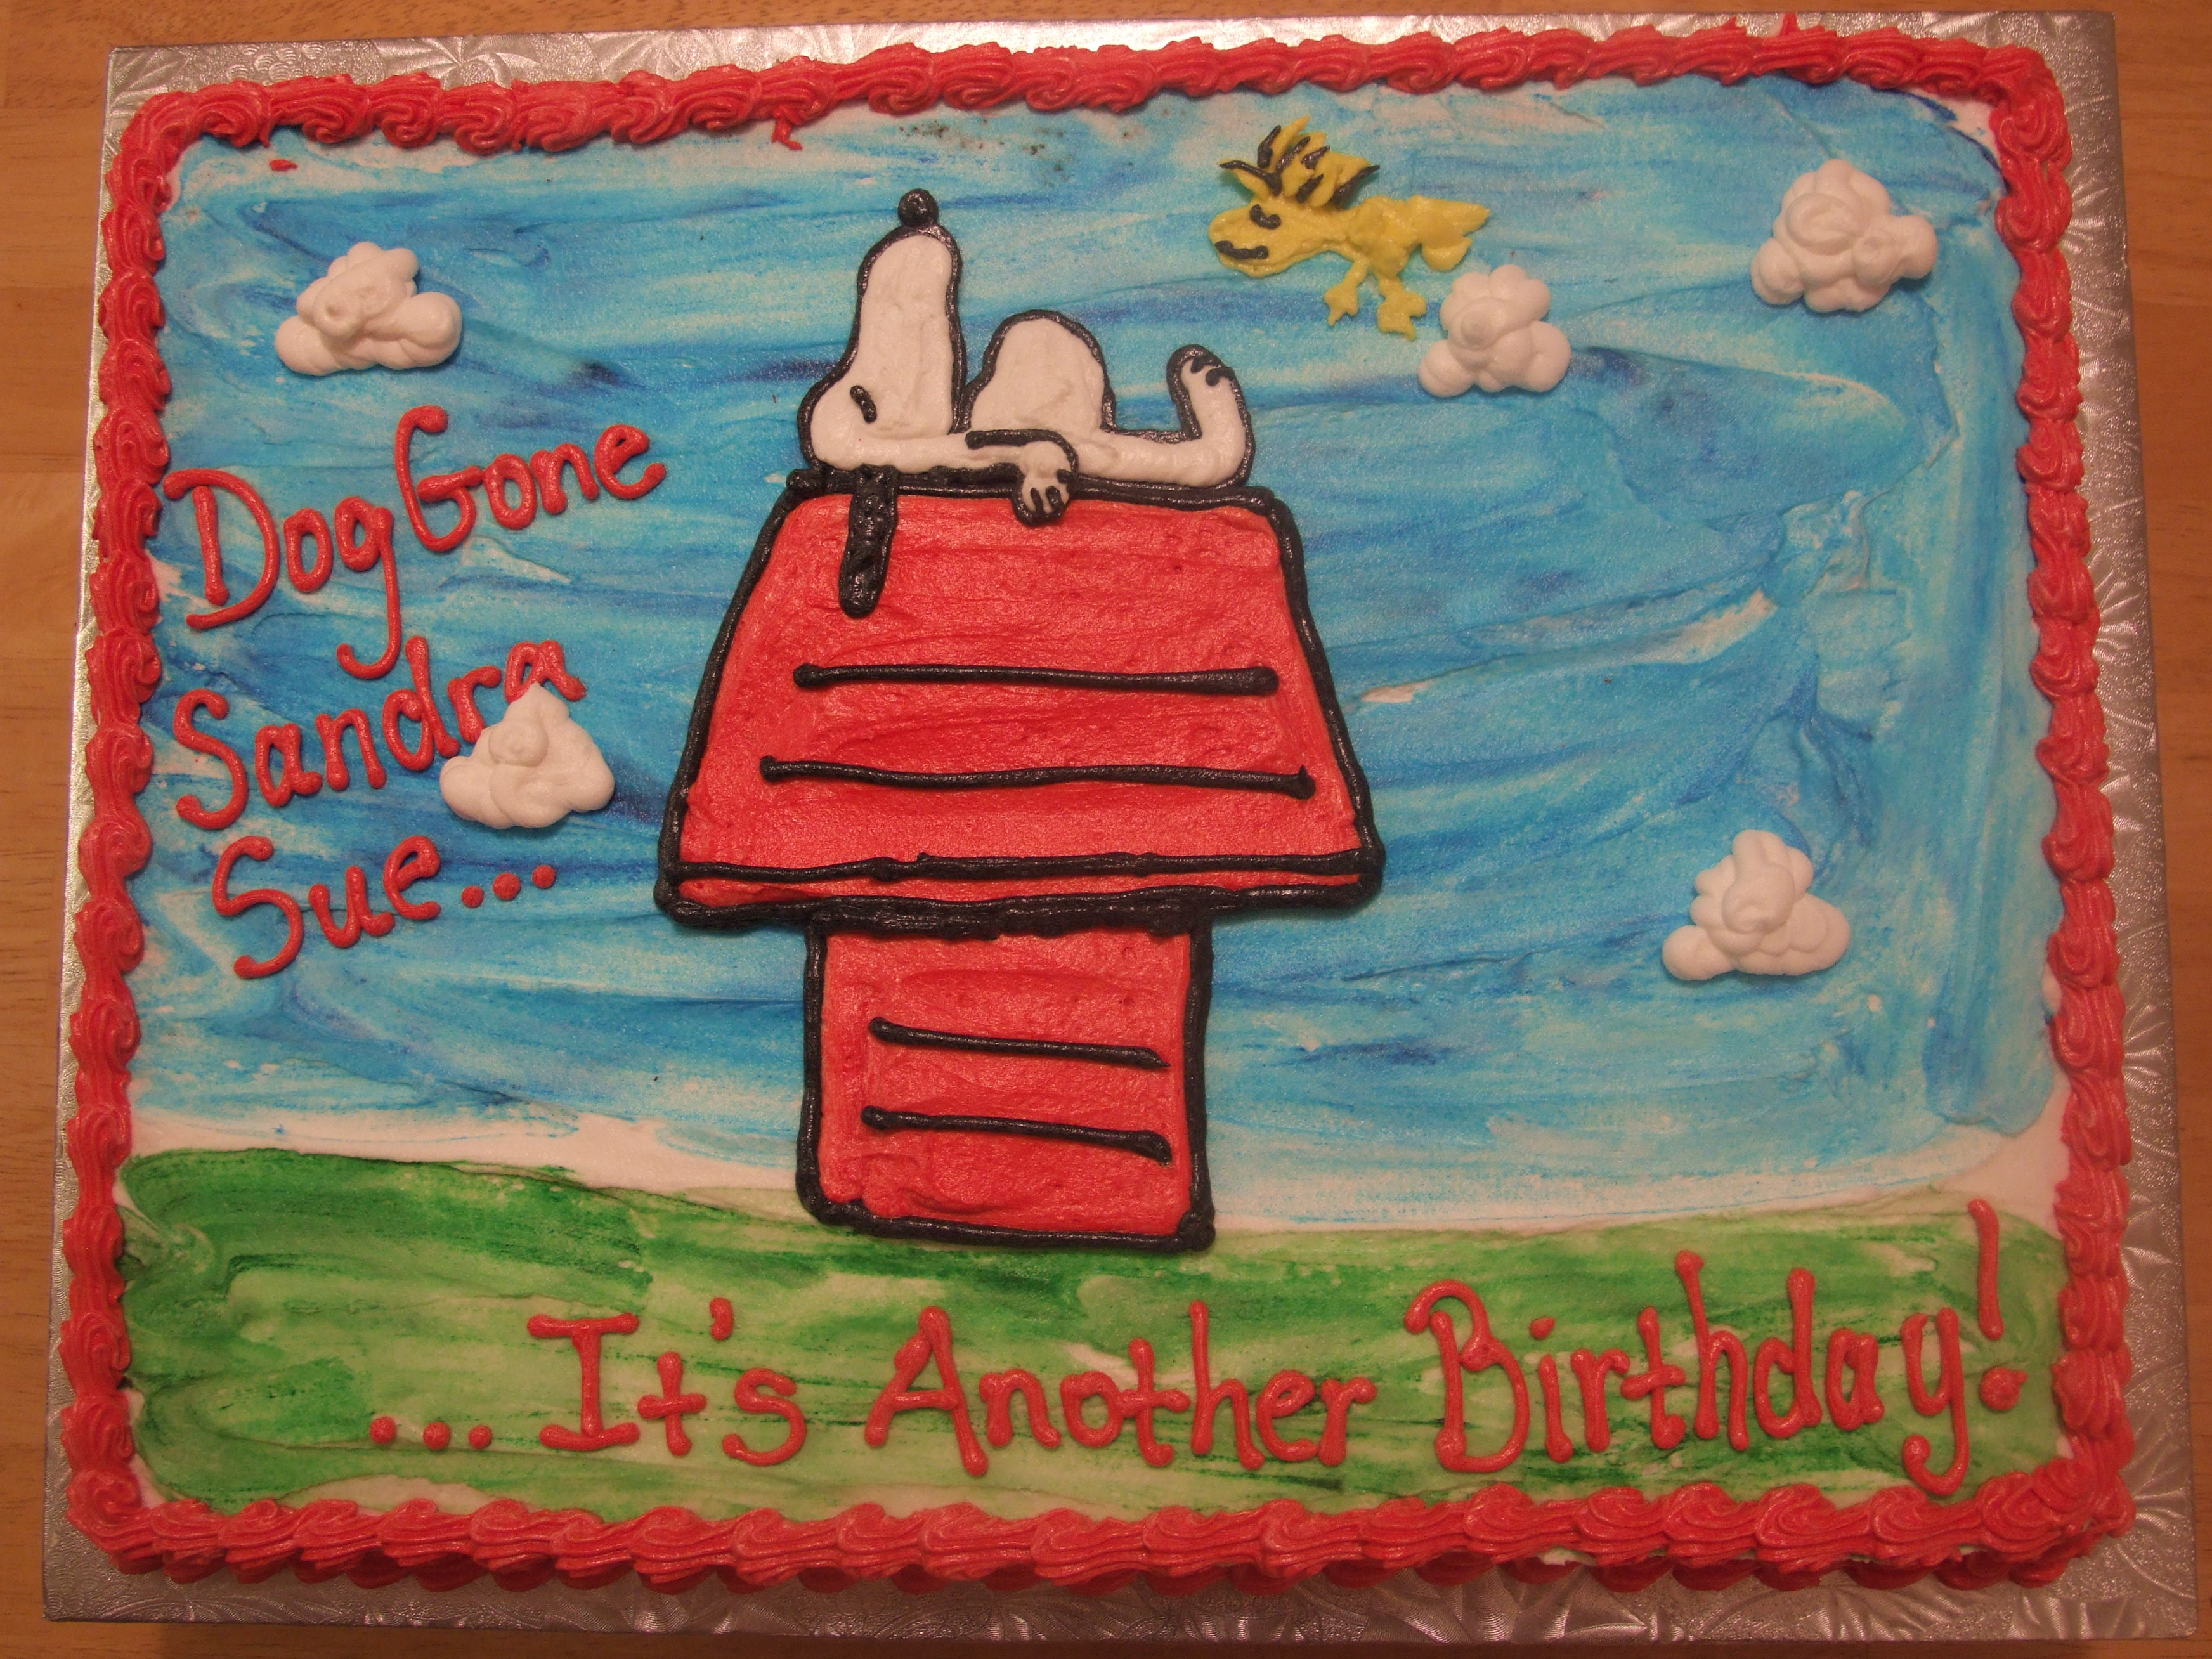 Some New Birthday Cakes HeathersHomemadeGoodiescom